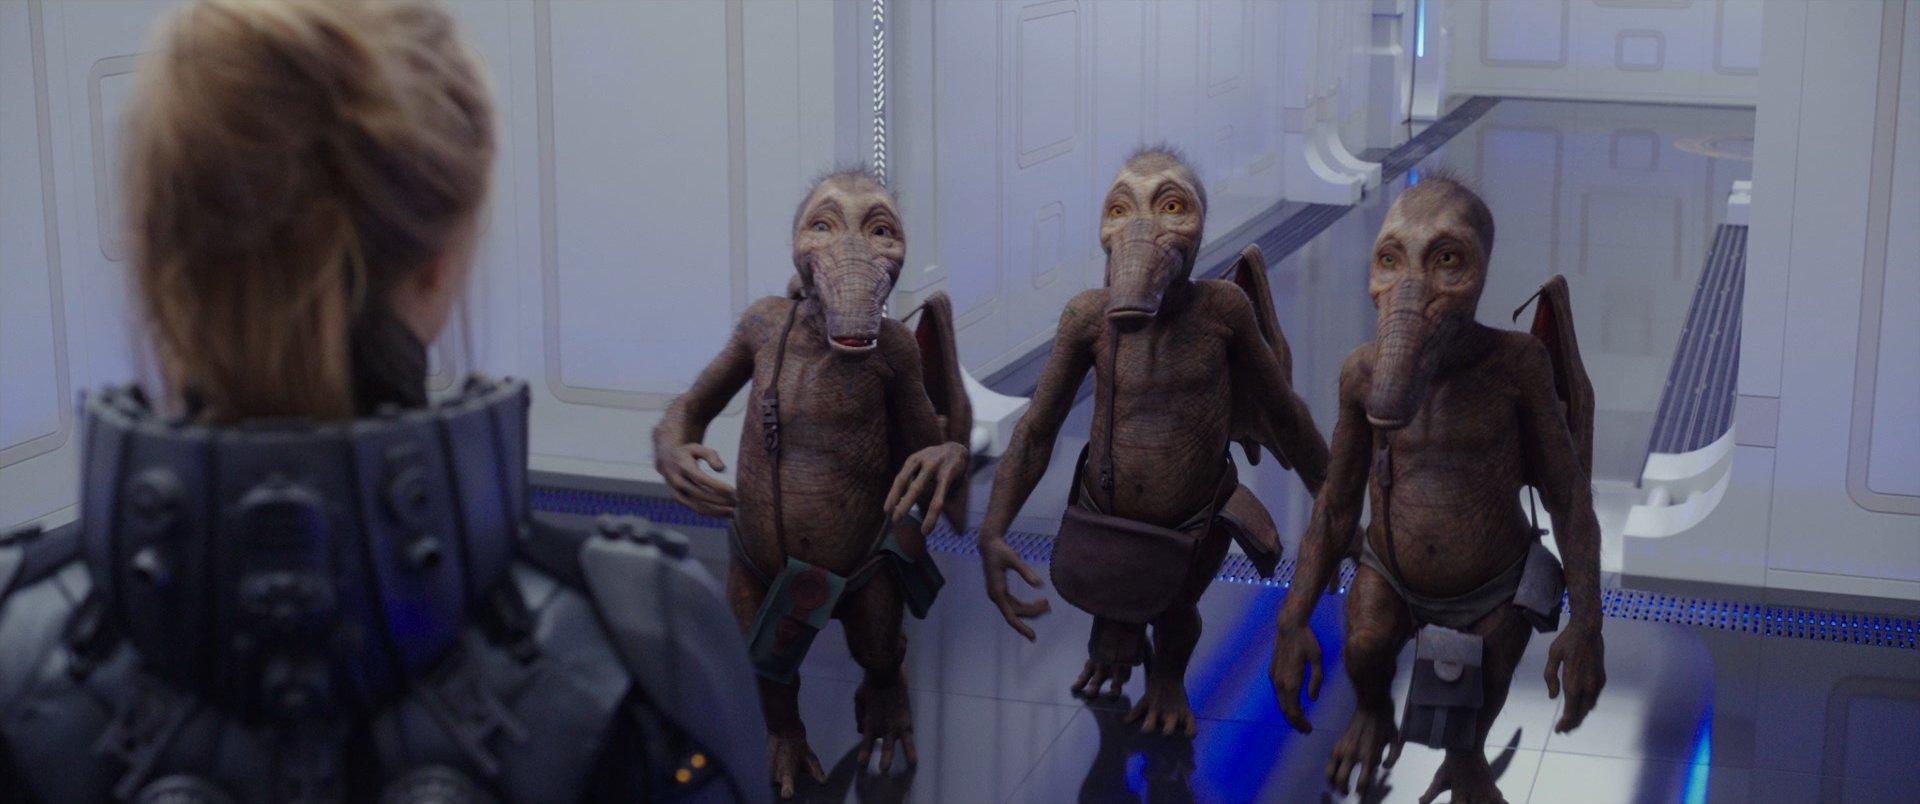 『ヴァレリアン』3宇宙人